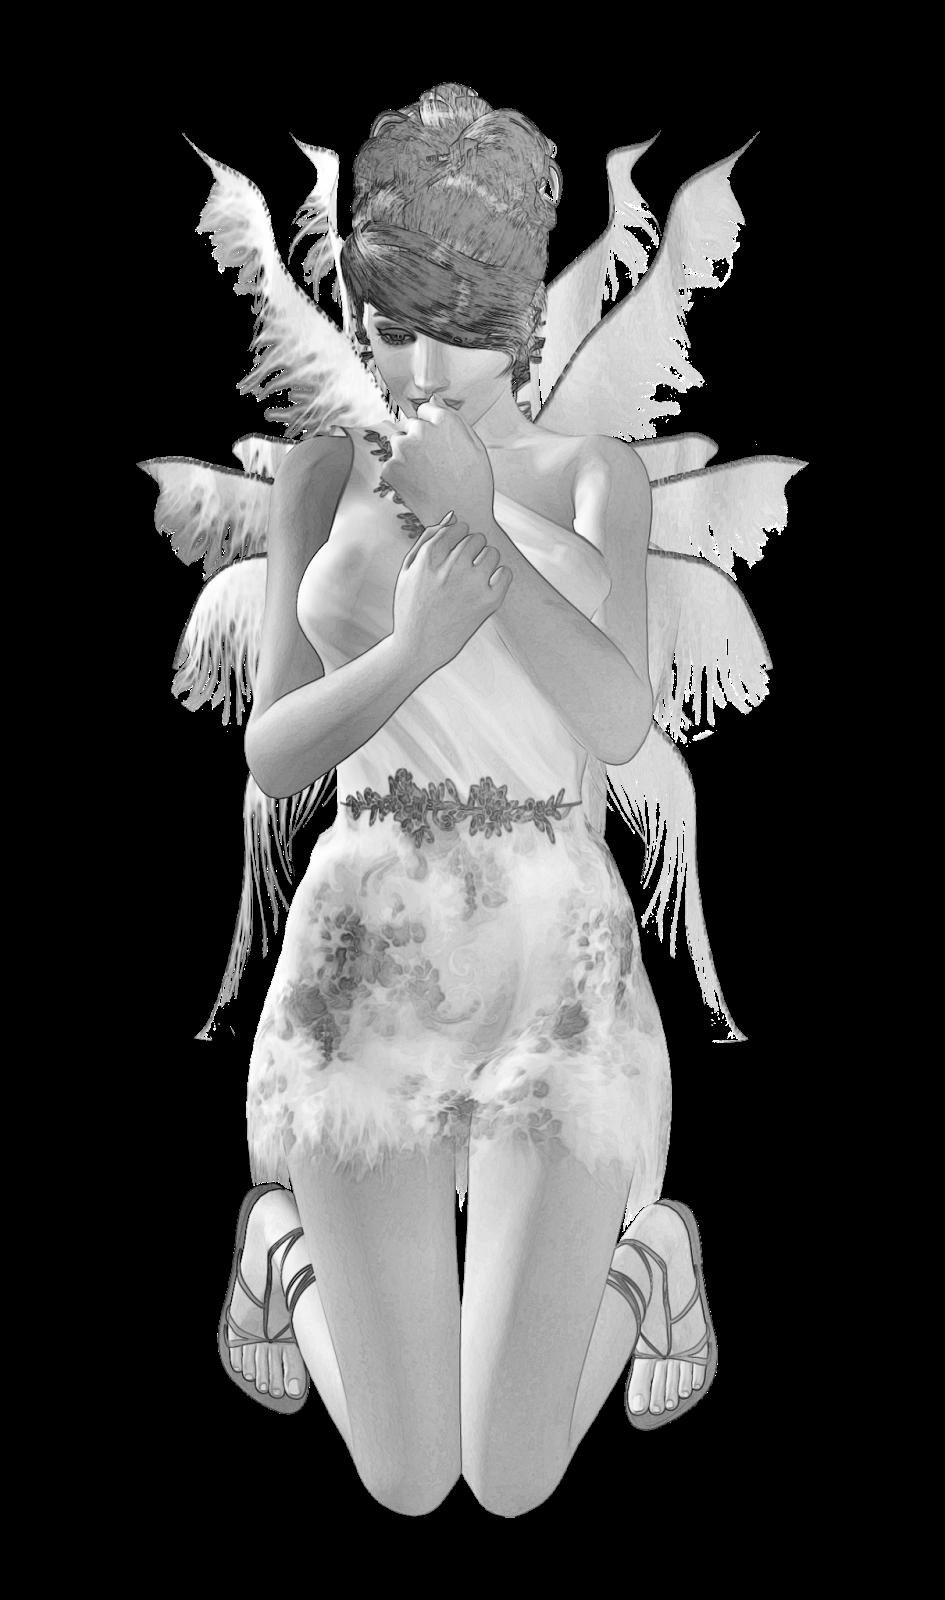 http://4.bp.blogspot.com/-5JISDBuRZoU/UvjtFhWj4wI/AAAAAAAAA8Y/LGNDldSVHbI/s1600/AOC-Fairy-digistamp-CU.png